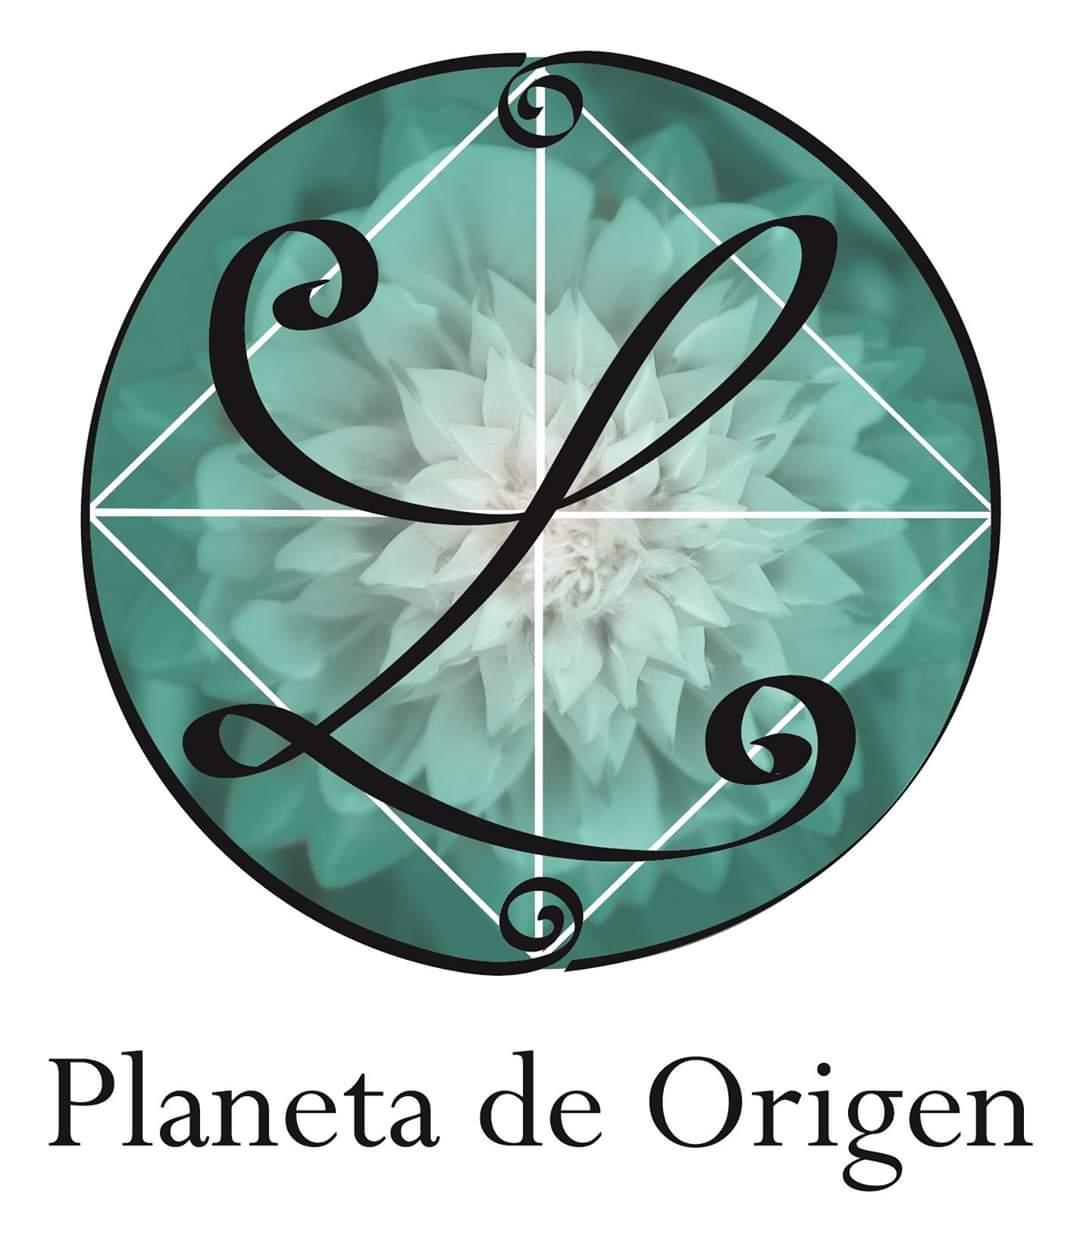 L planeta de origen